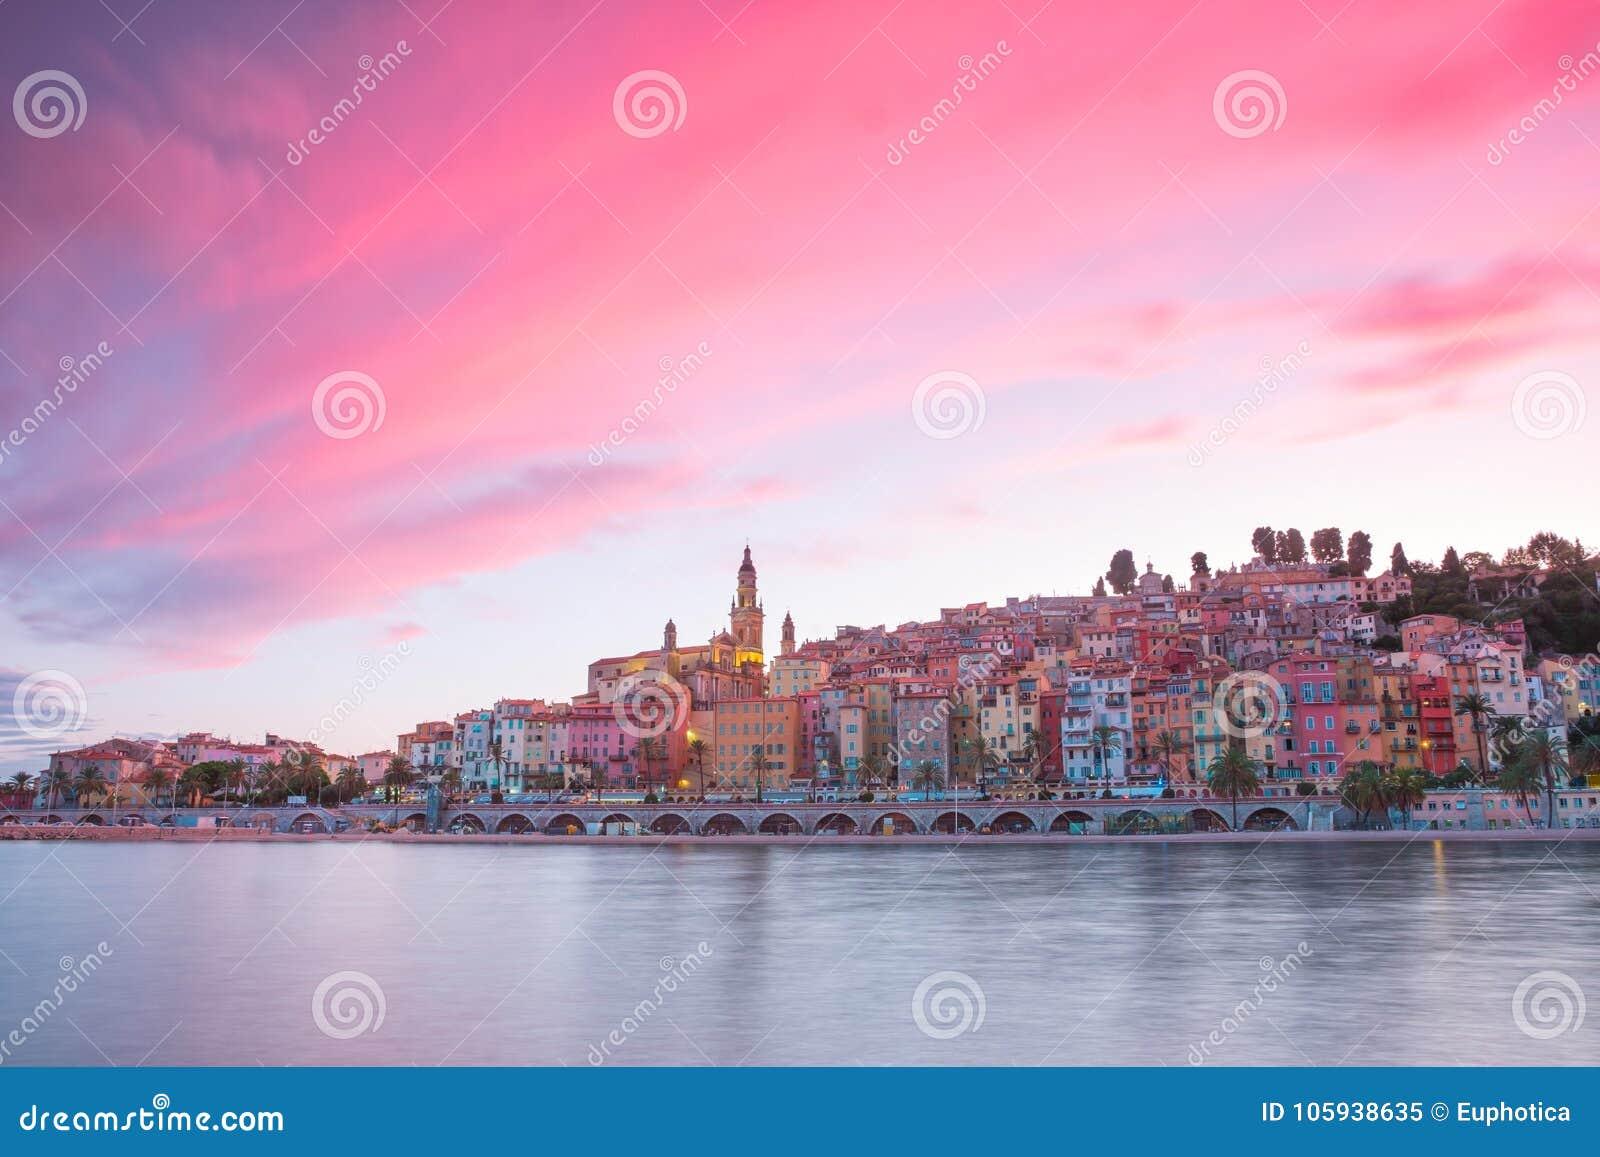 Menton miasto przy nocą, Francuski Riviera, złota godzina przed zmierzchem